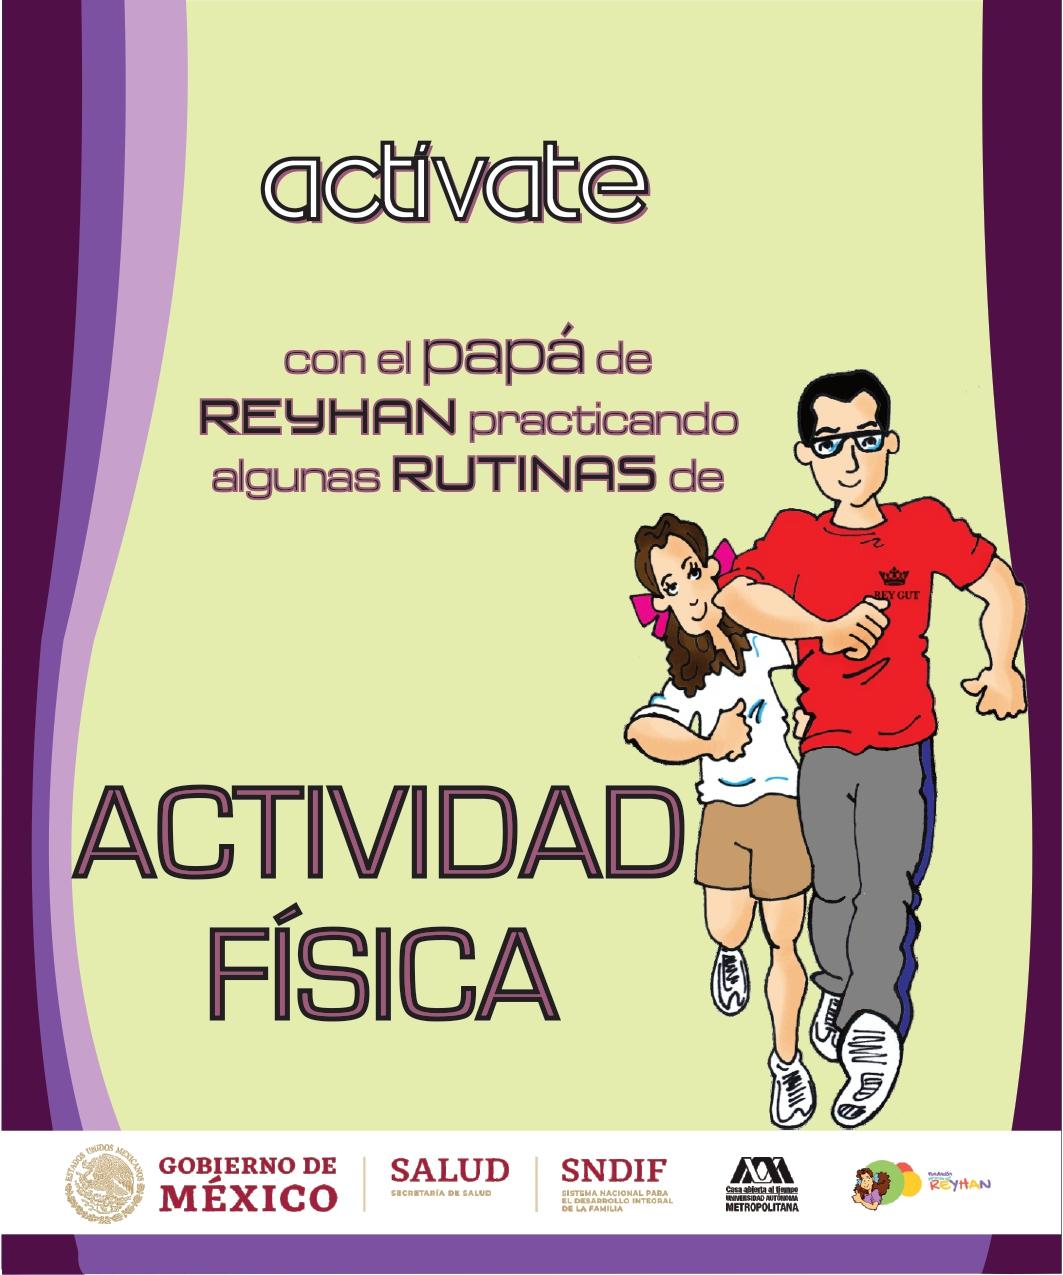 Rutinas Reyhan Papá ditigal_page-0001